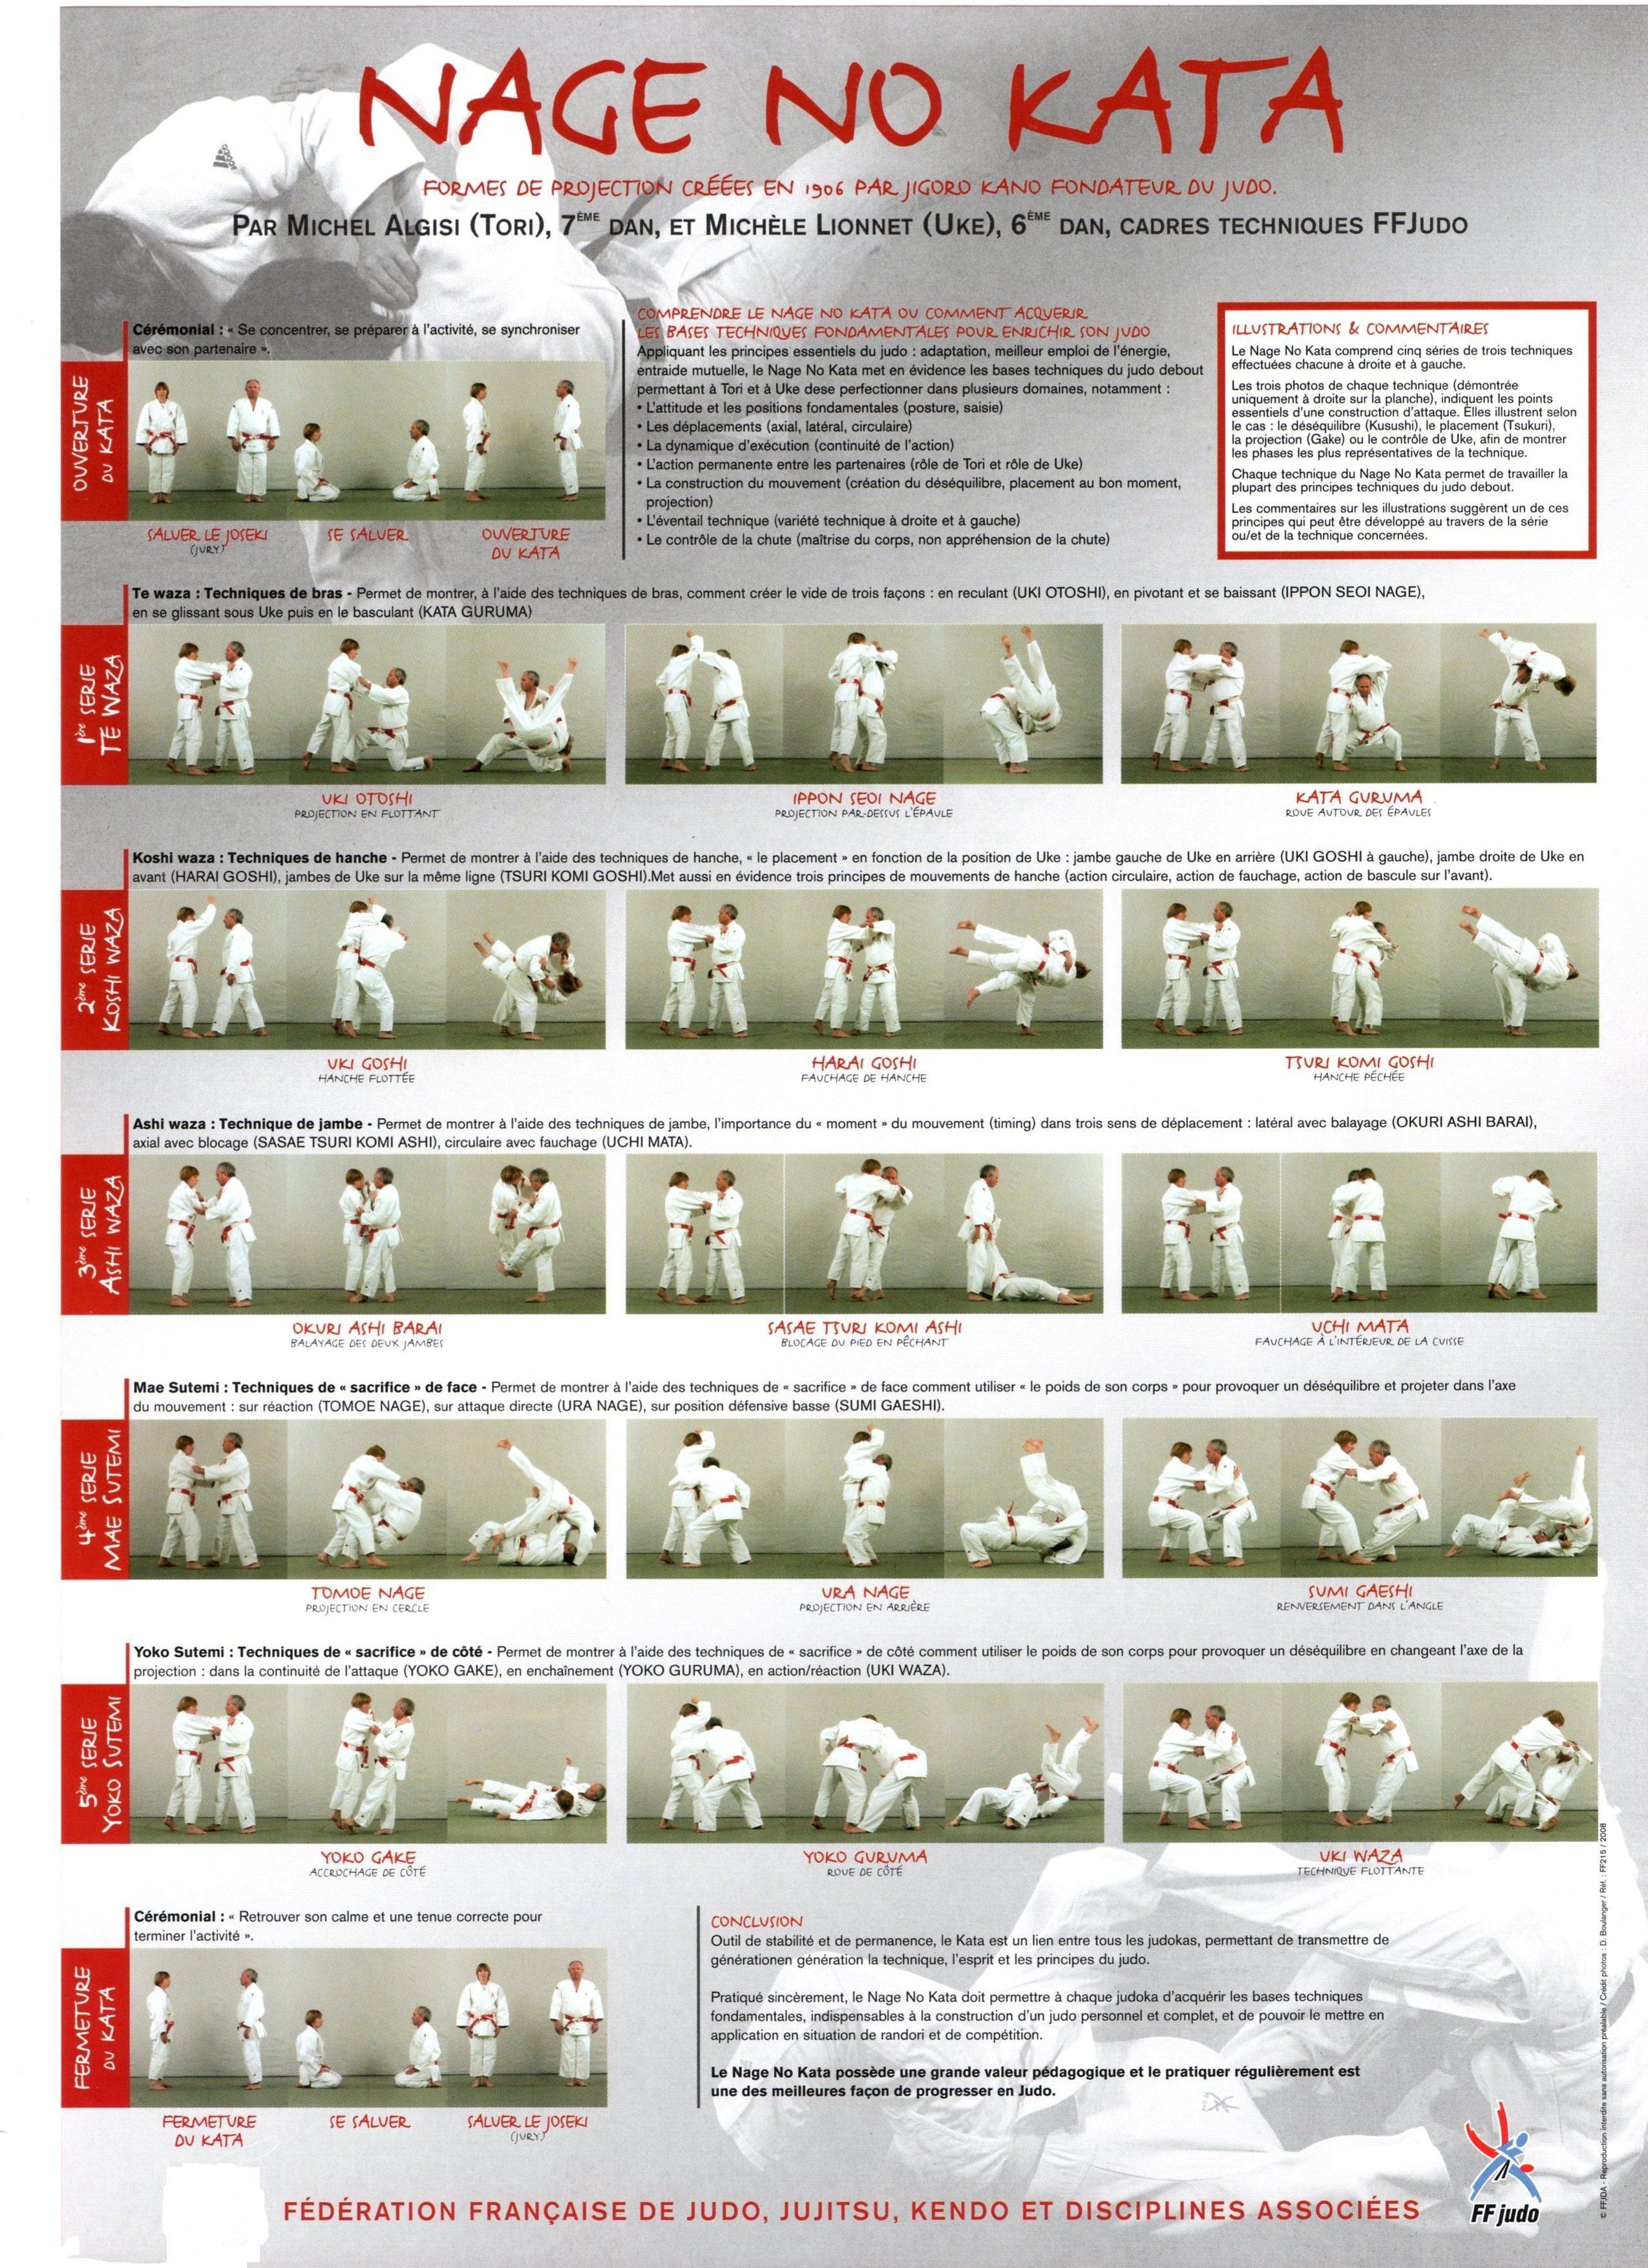 http://www.fujikai-judo.com/wp-content/uploads/2009/05/prog_fr_judo-nage-no-kata.jpg